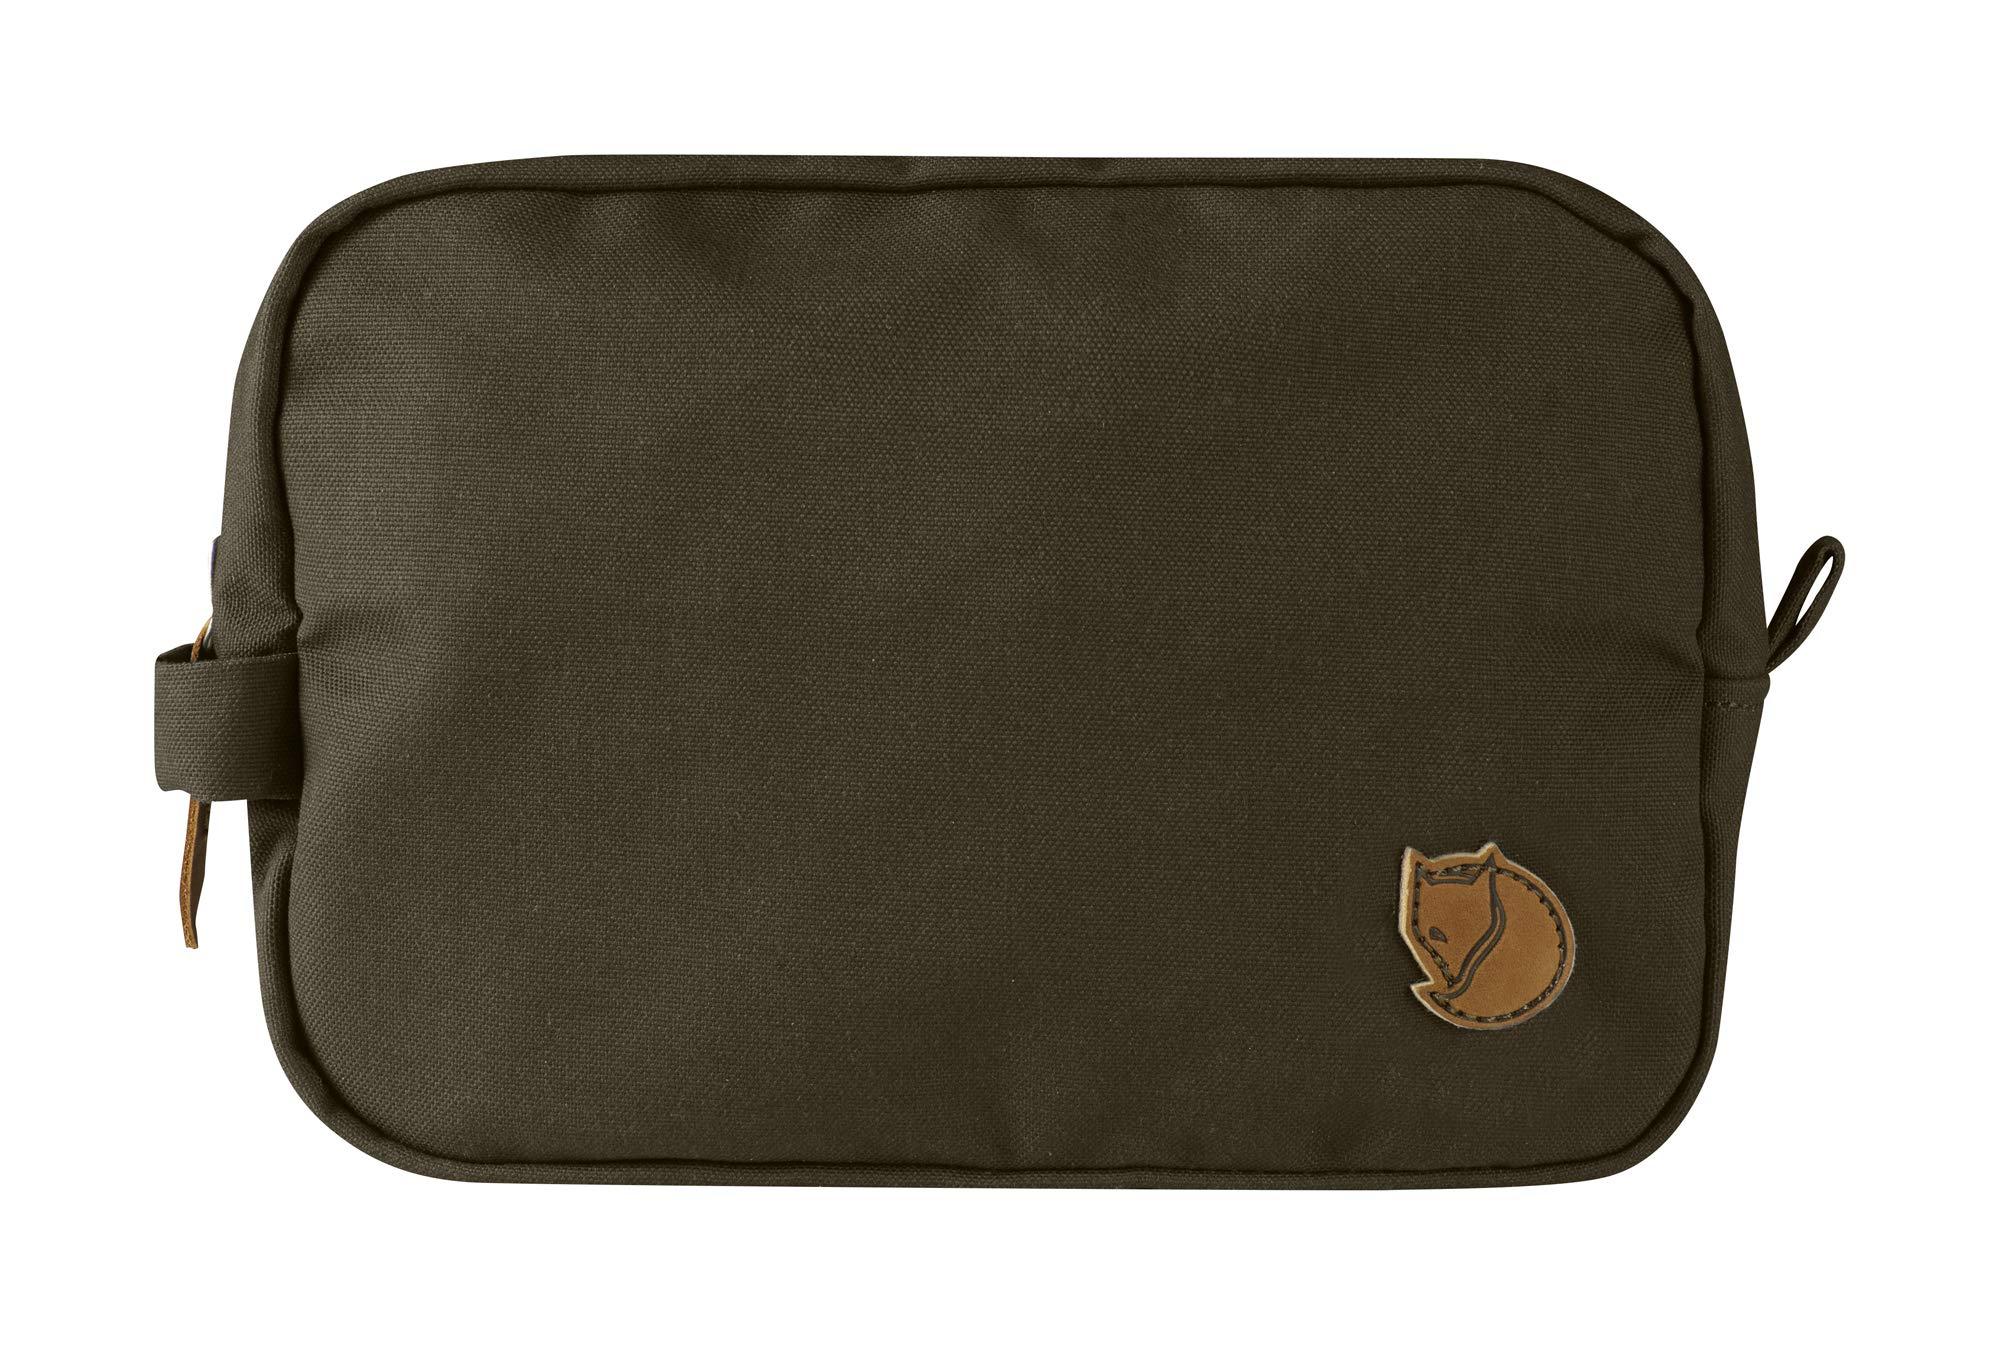 Fjallraven - Gear Bag, Dark Olive by Fjallraven